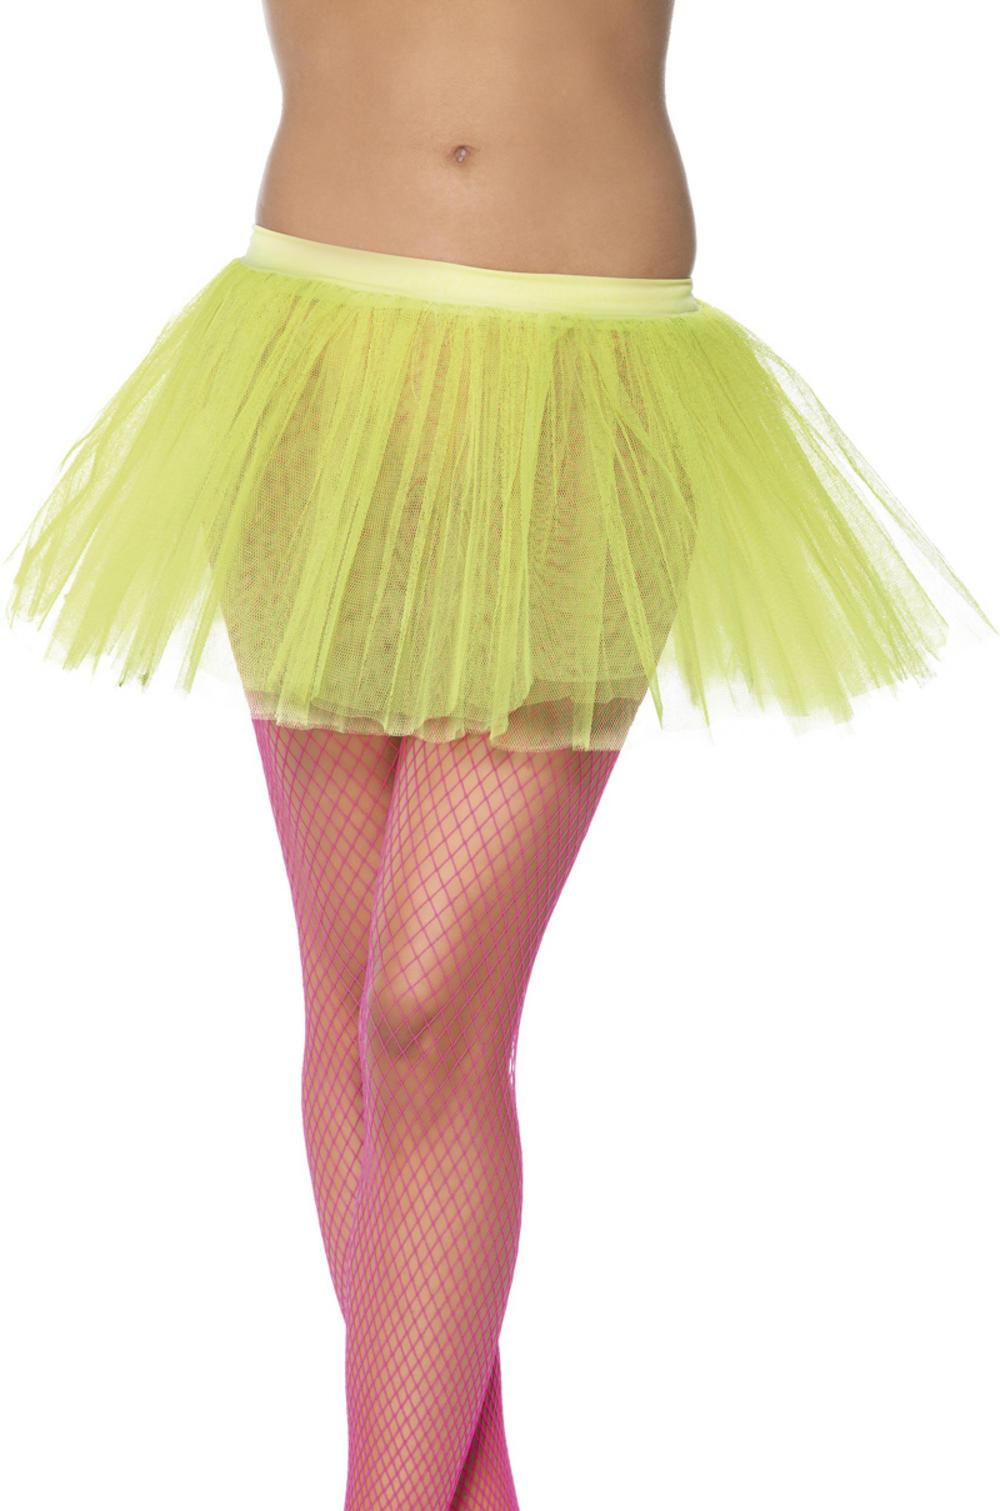 Neon Yellow Tutu Underskirt Costume Accessory